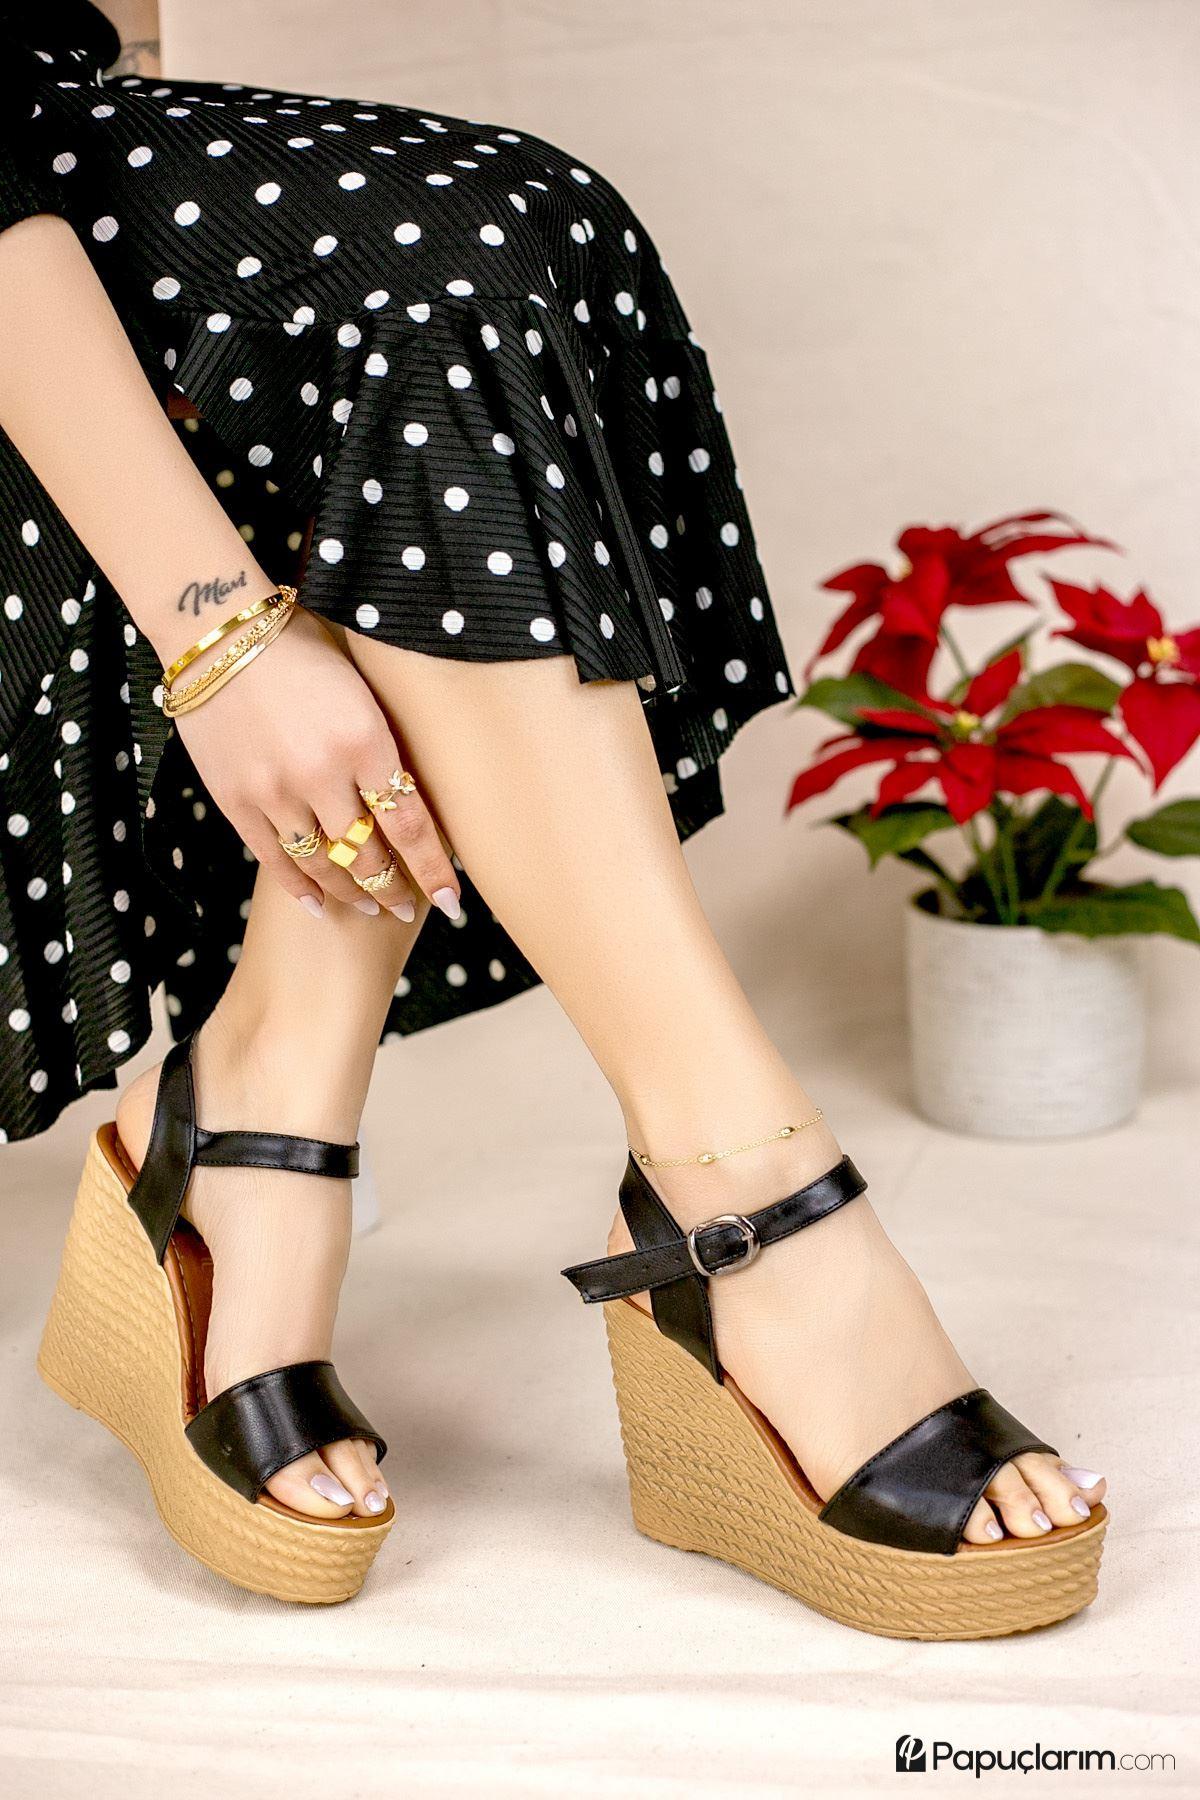 Angie Siyah Mat Deri Dolgu Topuk Kadın Ayakkabı